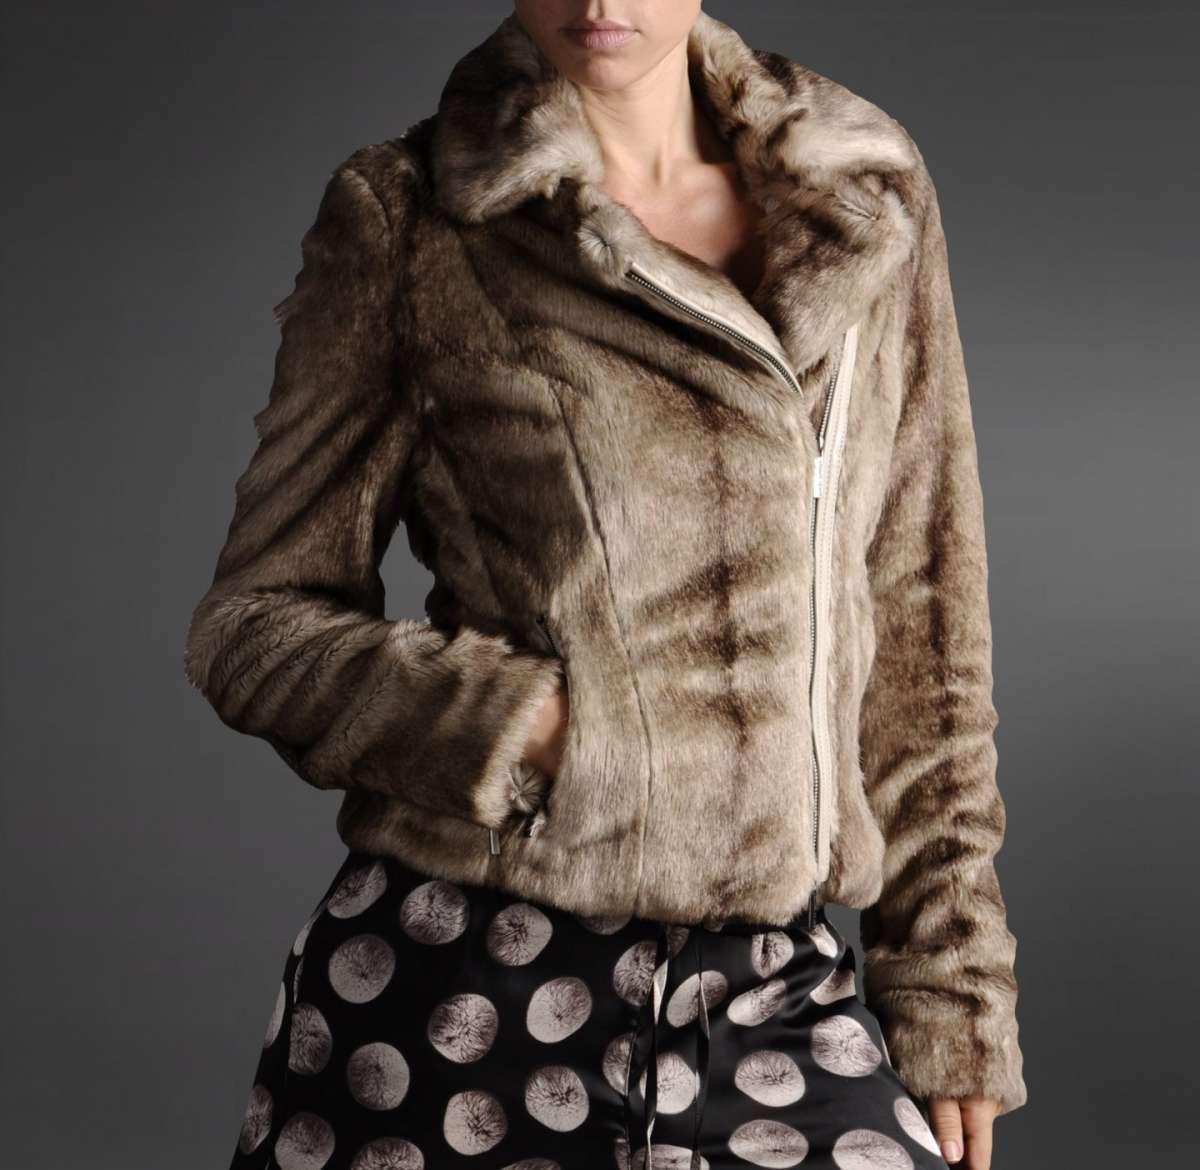 competitive price edc74 52927 pelliccia-ecologica-armani-jeans-beige - Copia - Bella Magazine